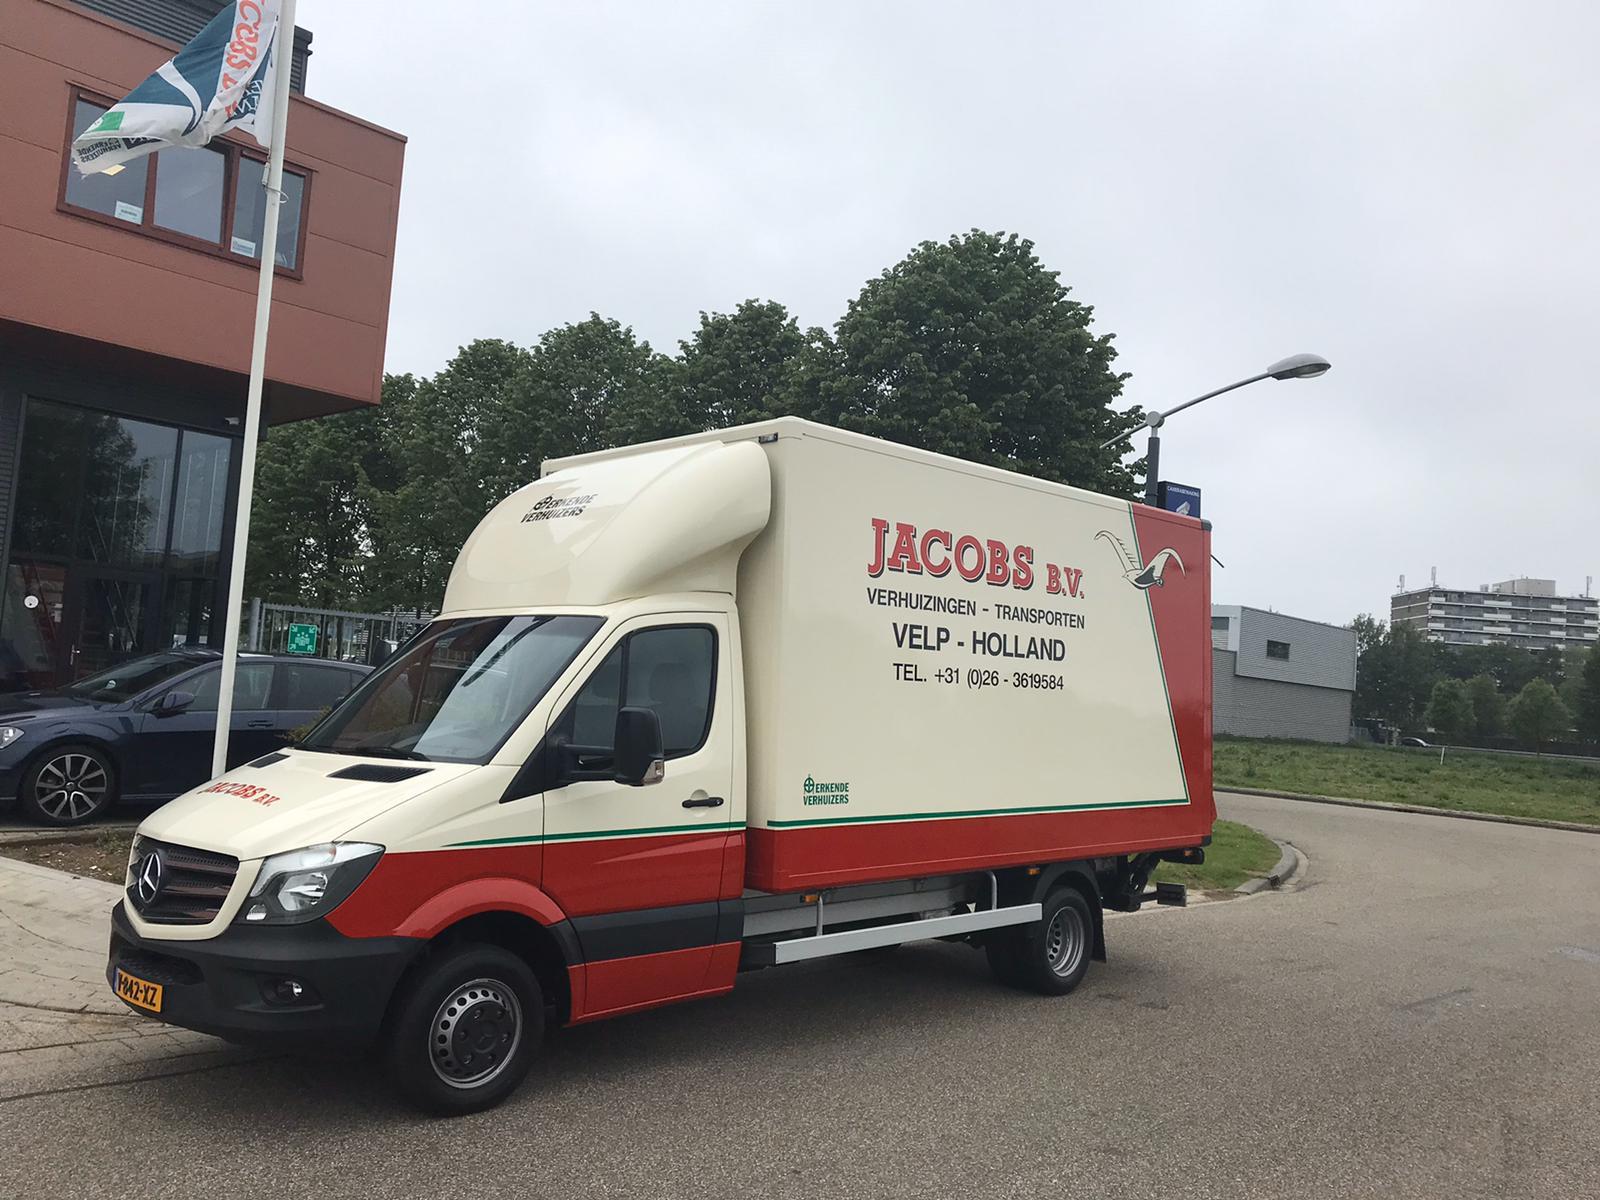 Bent u op zoek naar een professioneel verhuisbedrijf in Arnhem? Jacobs Verhuizingen BV in Velp, nabij Arnhem, helpt u graag bij de binnenlandse en buitenlandse verhuizingen.